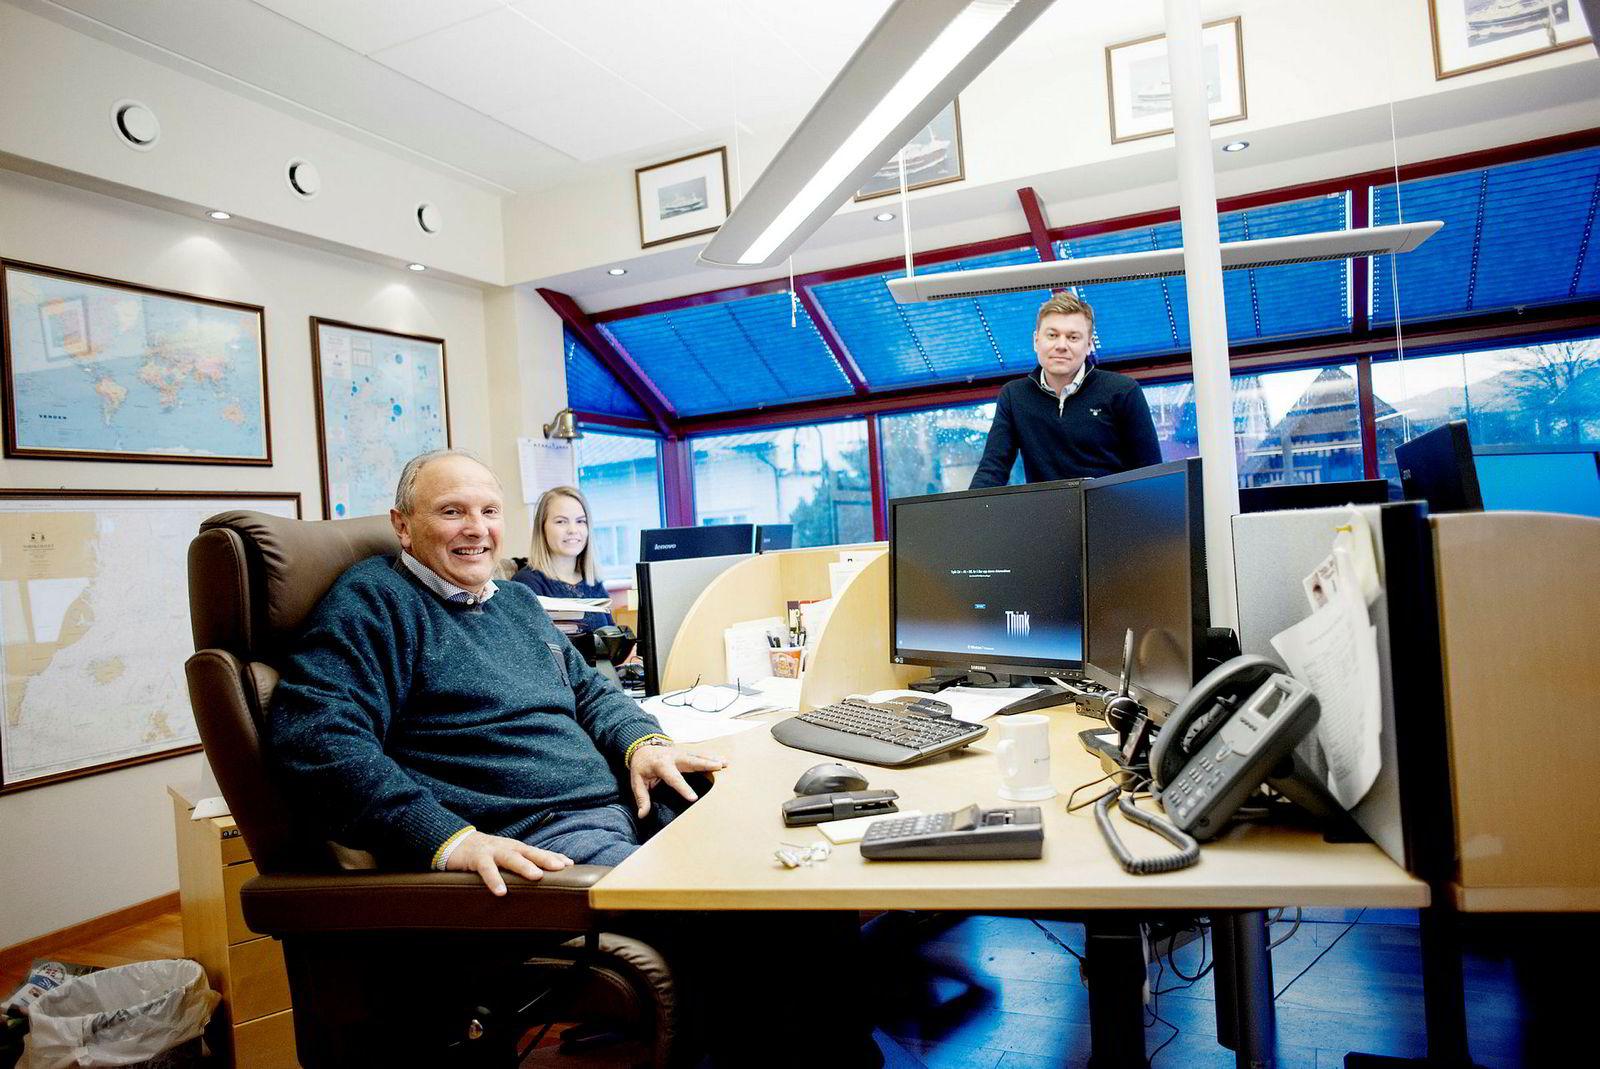 Fra kontoret i Fosnavåg selger Polar Seafrozen hvitfisk og skalldyr til en lang rekke land i Asia og Europa. Fra venstre: Bjørn Otterlei, Sara Ytrebø Rødseth og Anders Vågsholm